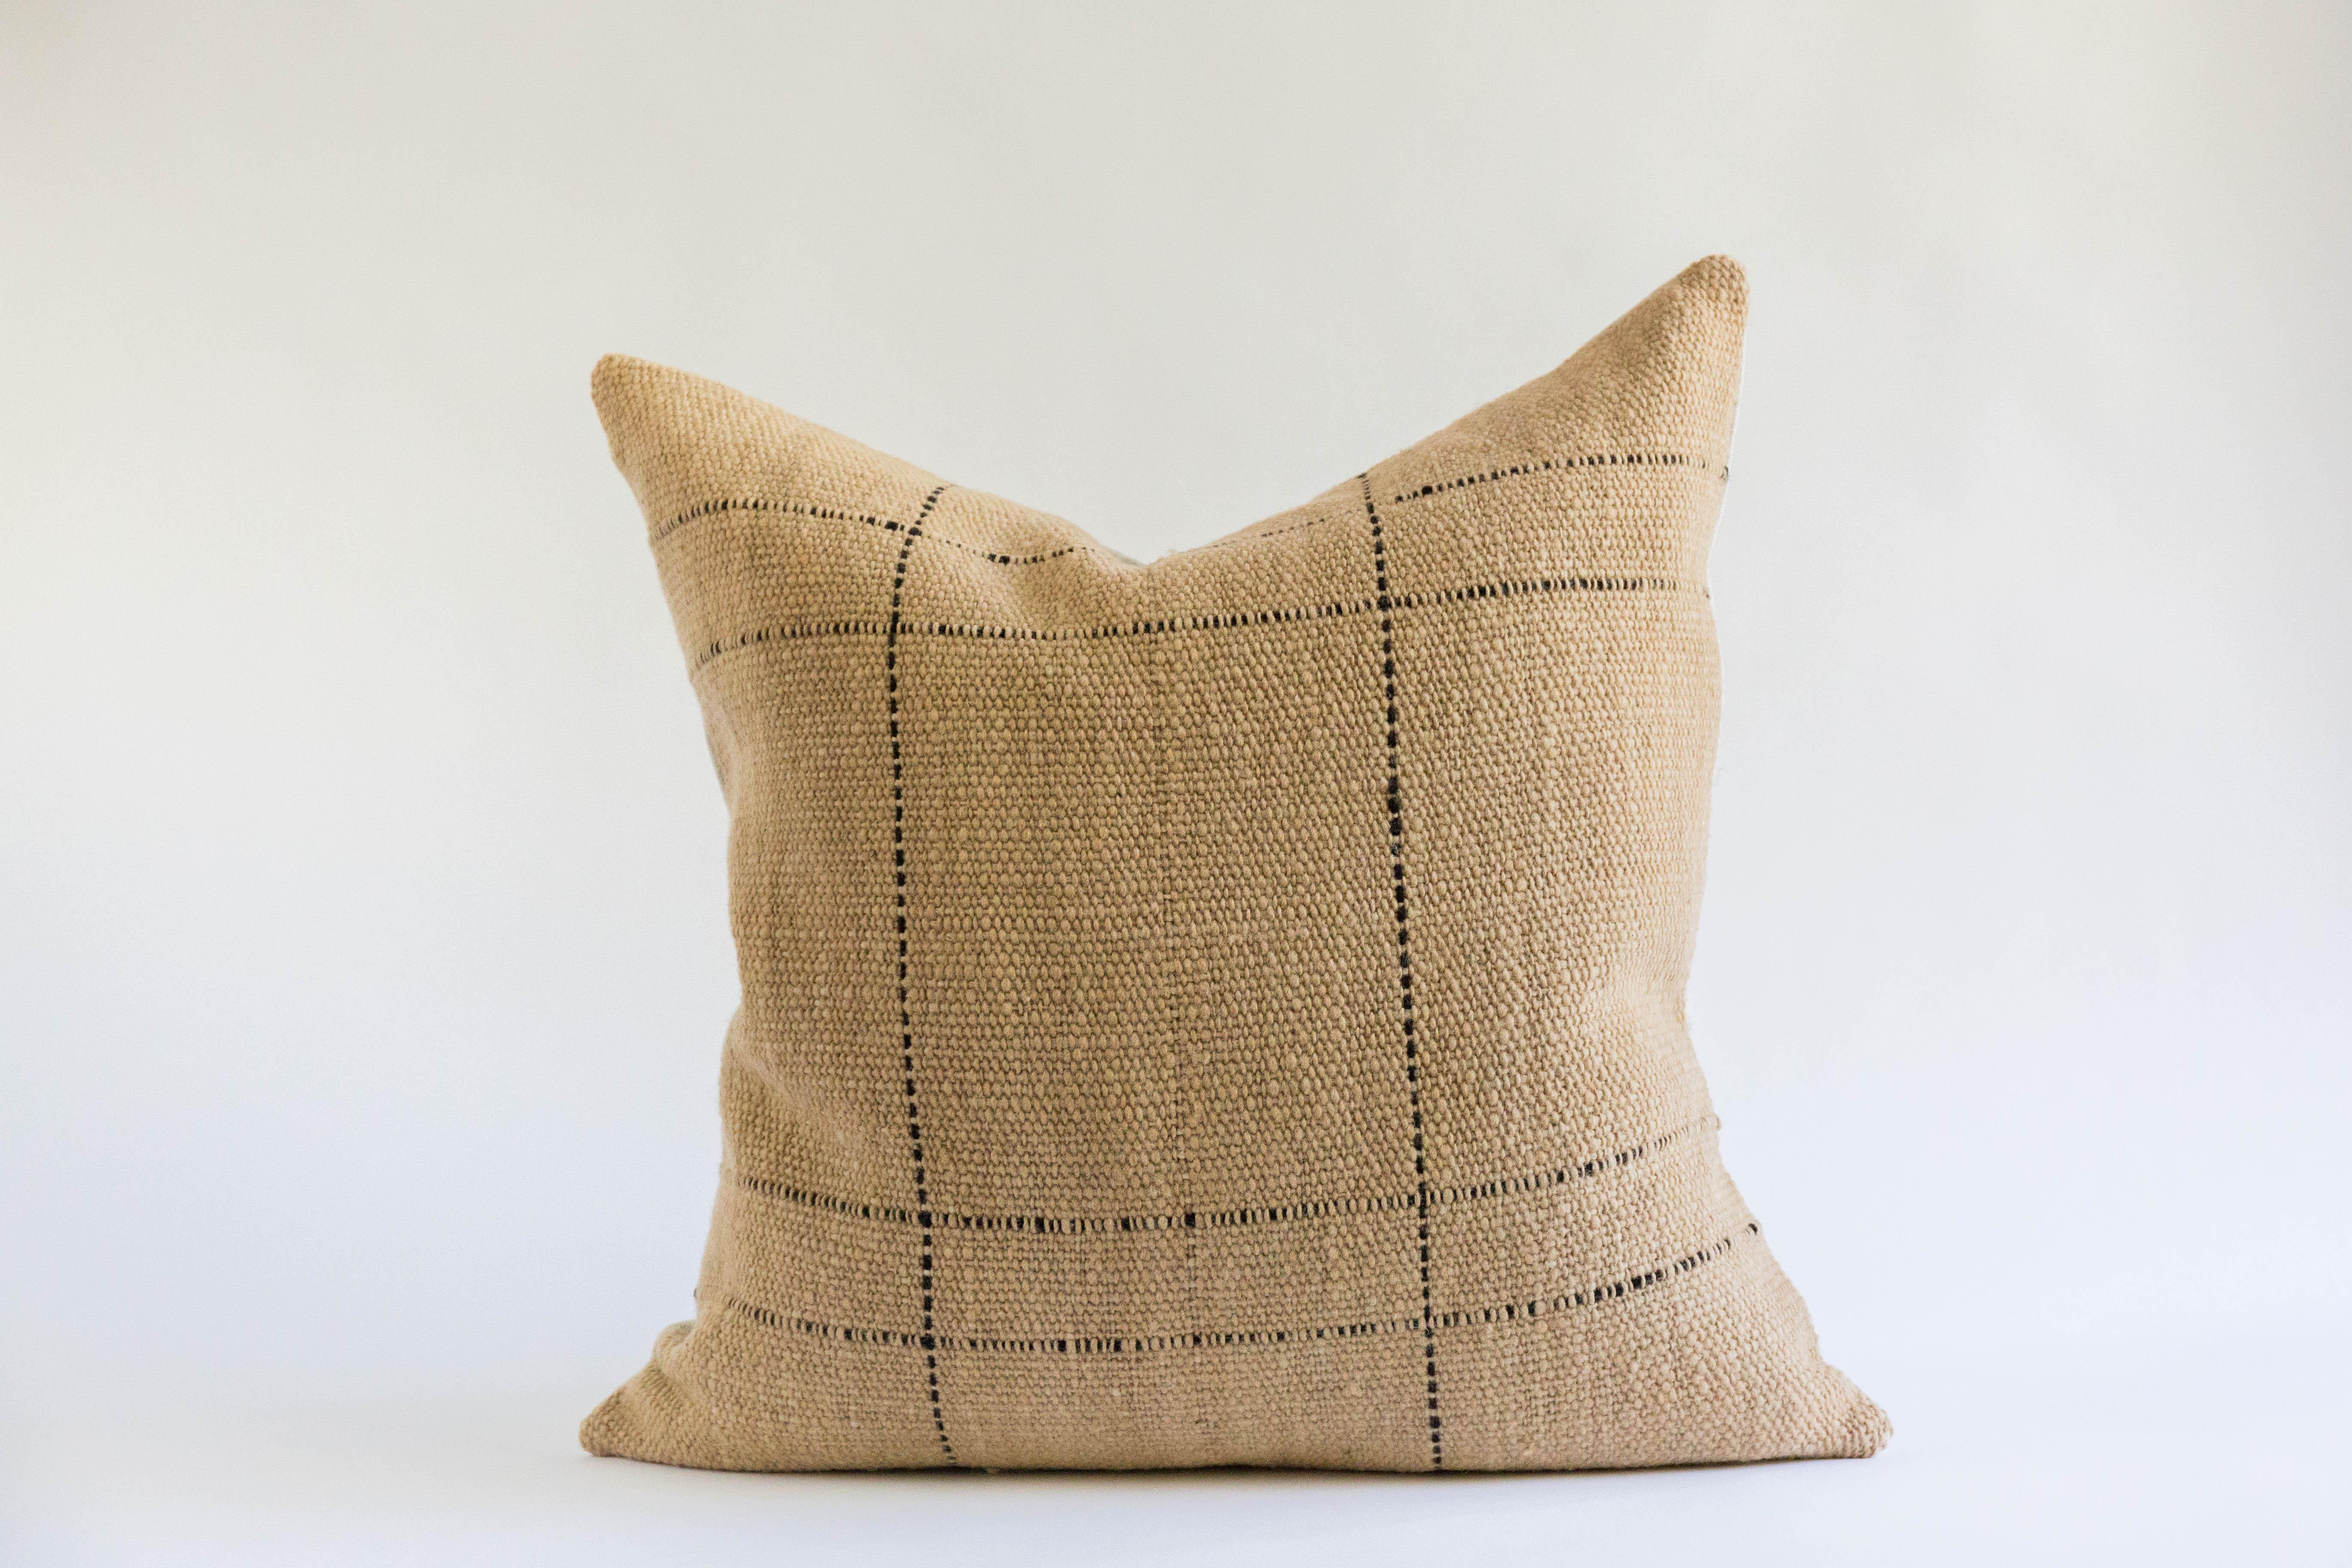 Zoe oat wool